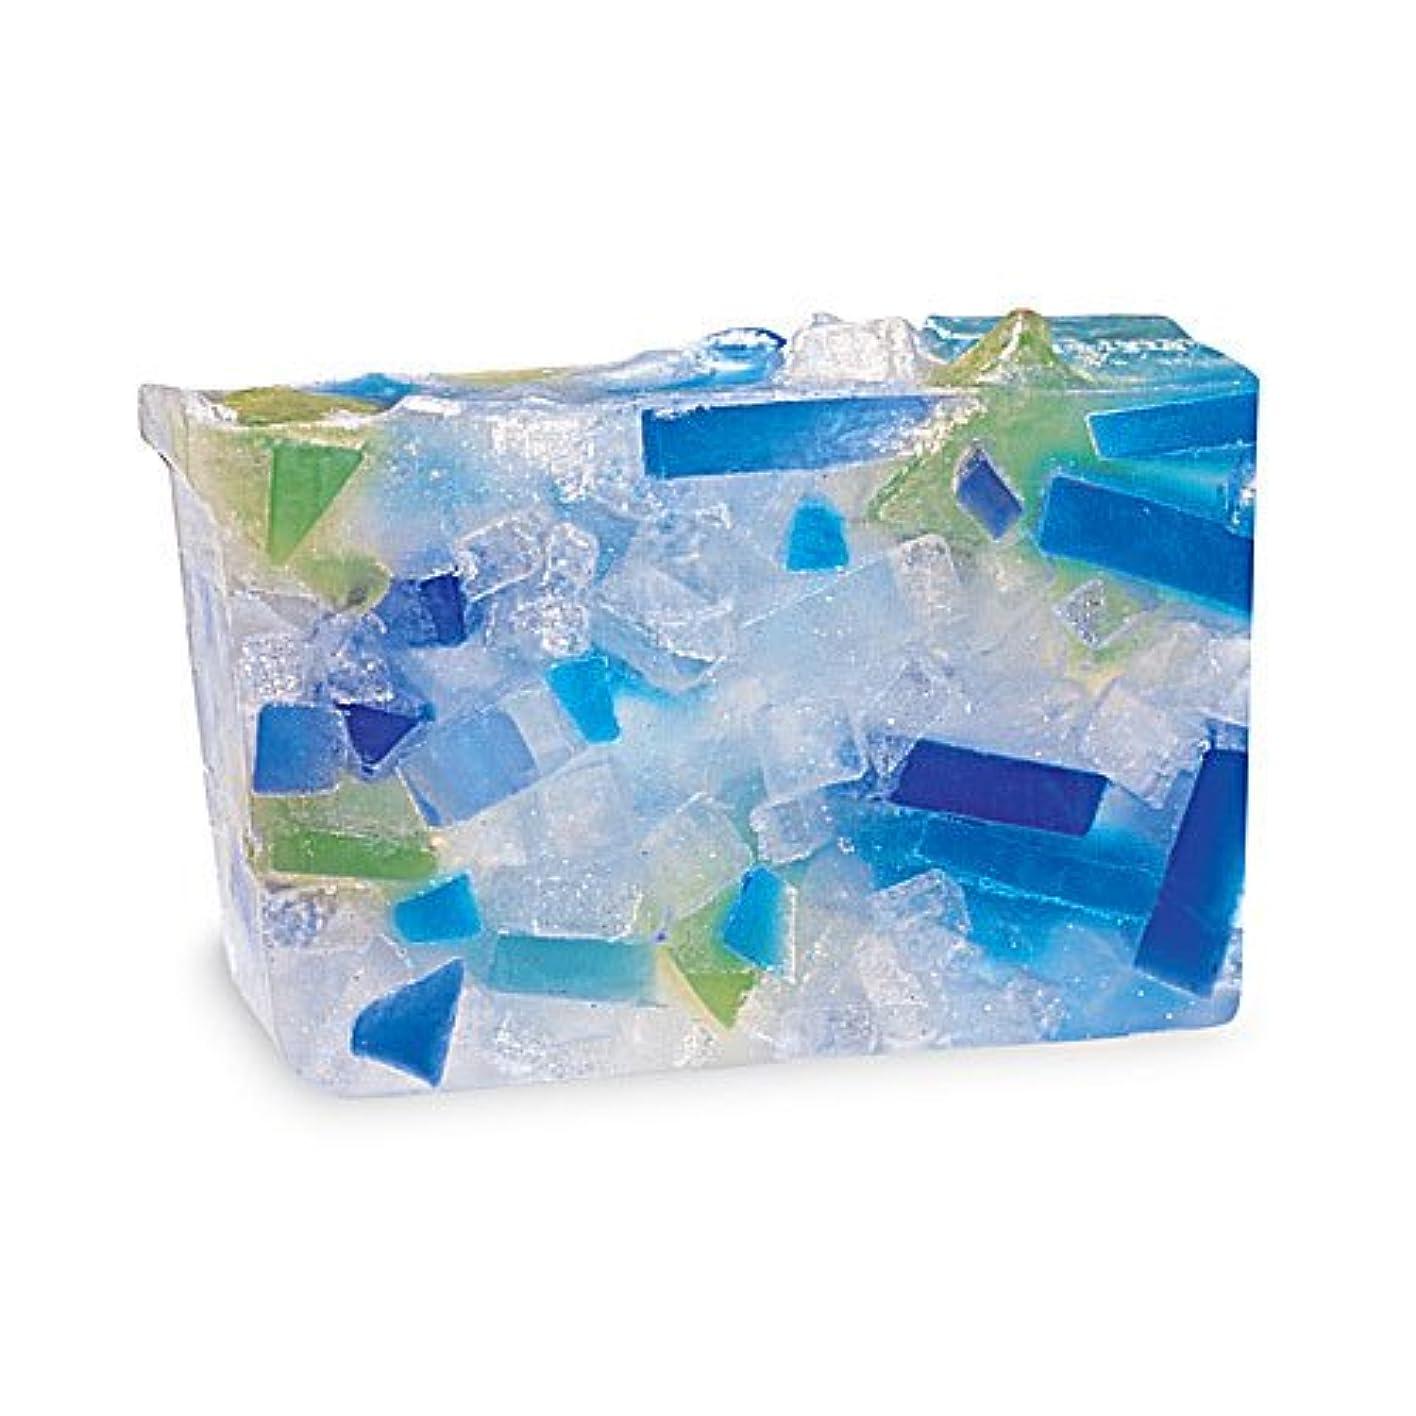 一優勢ここにプライモールエレメンツ アロマティック ソープ ビーチグラス 180g 植物性 ナチュラル 石鹸 無添加